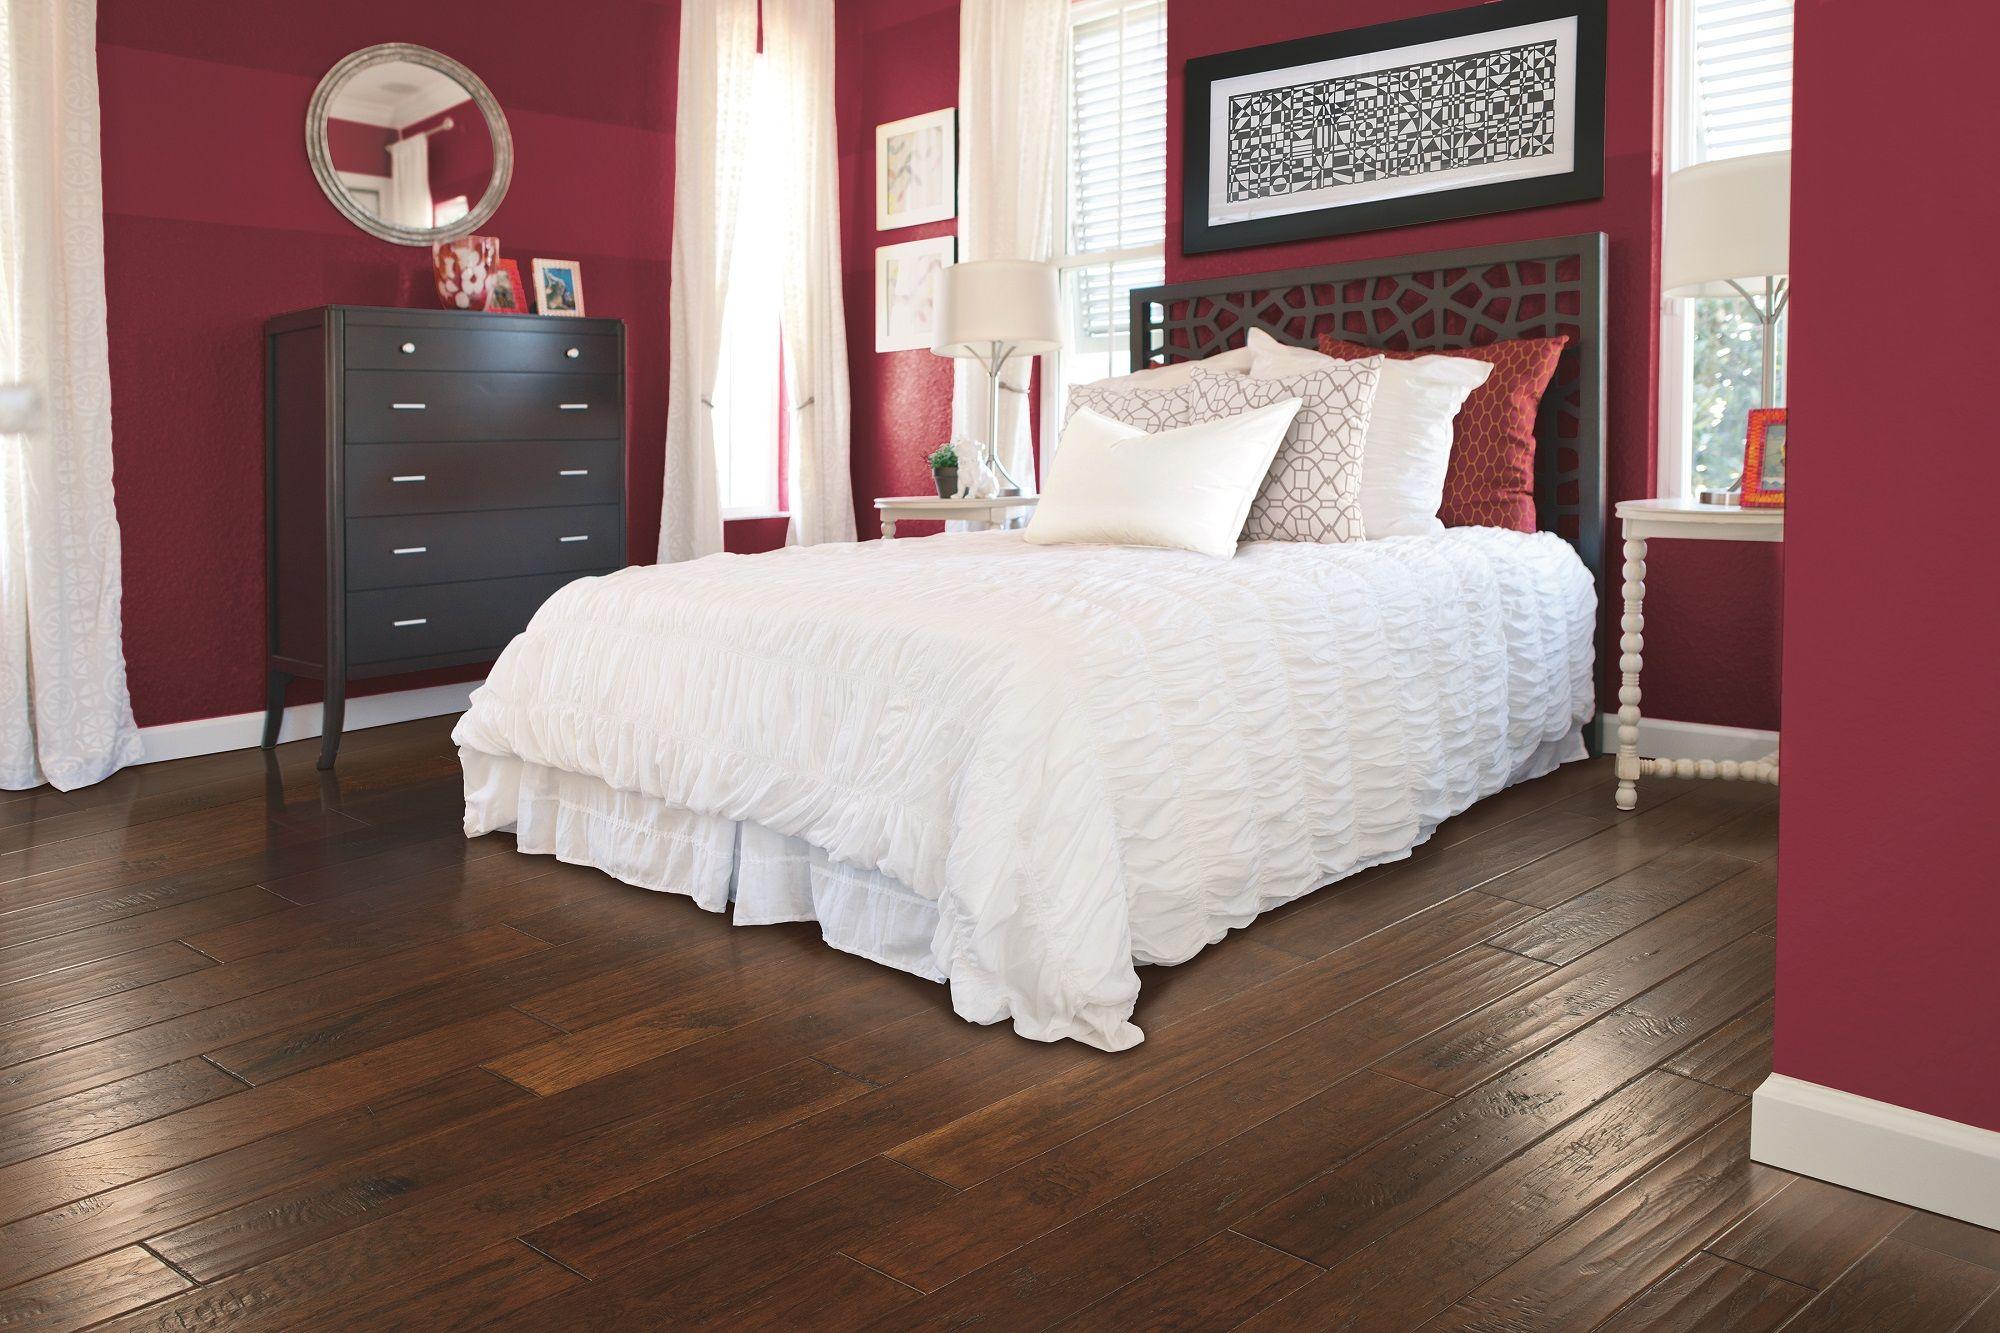 Windridge Coffee Hickory Hardwood Flooring Home Inspiration Bedroom Ideas Home Decor Ideas Solid Hardwood Floors Hickory Hardwood Floors Hardwood Floors